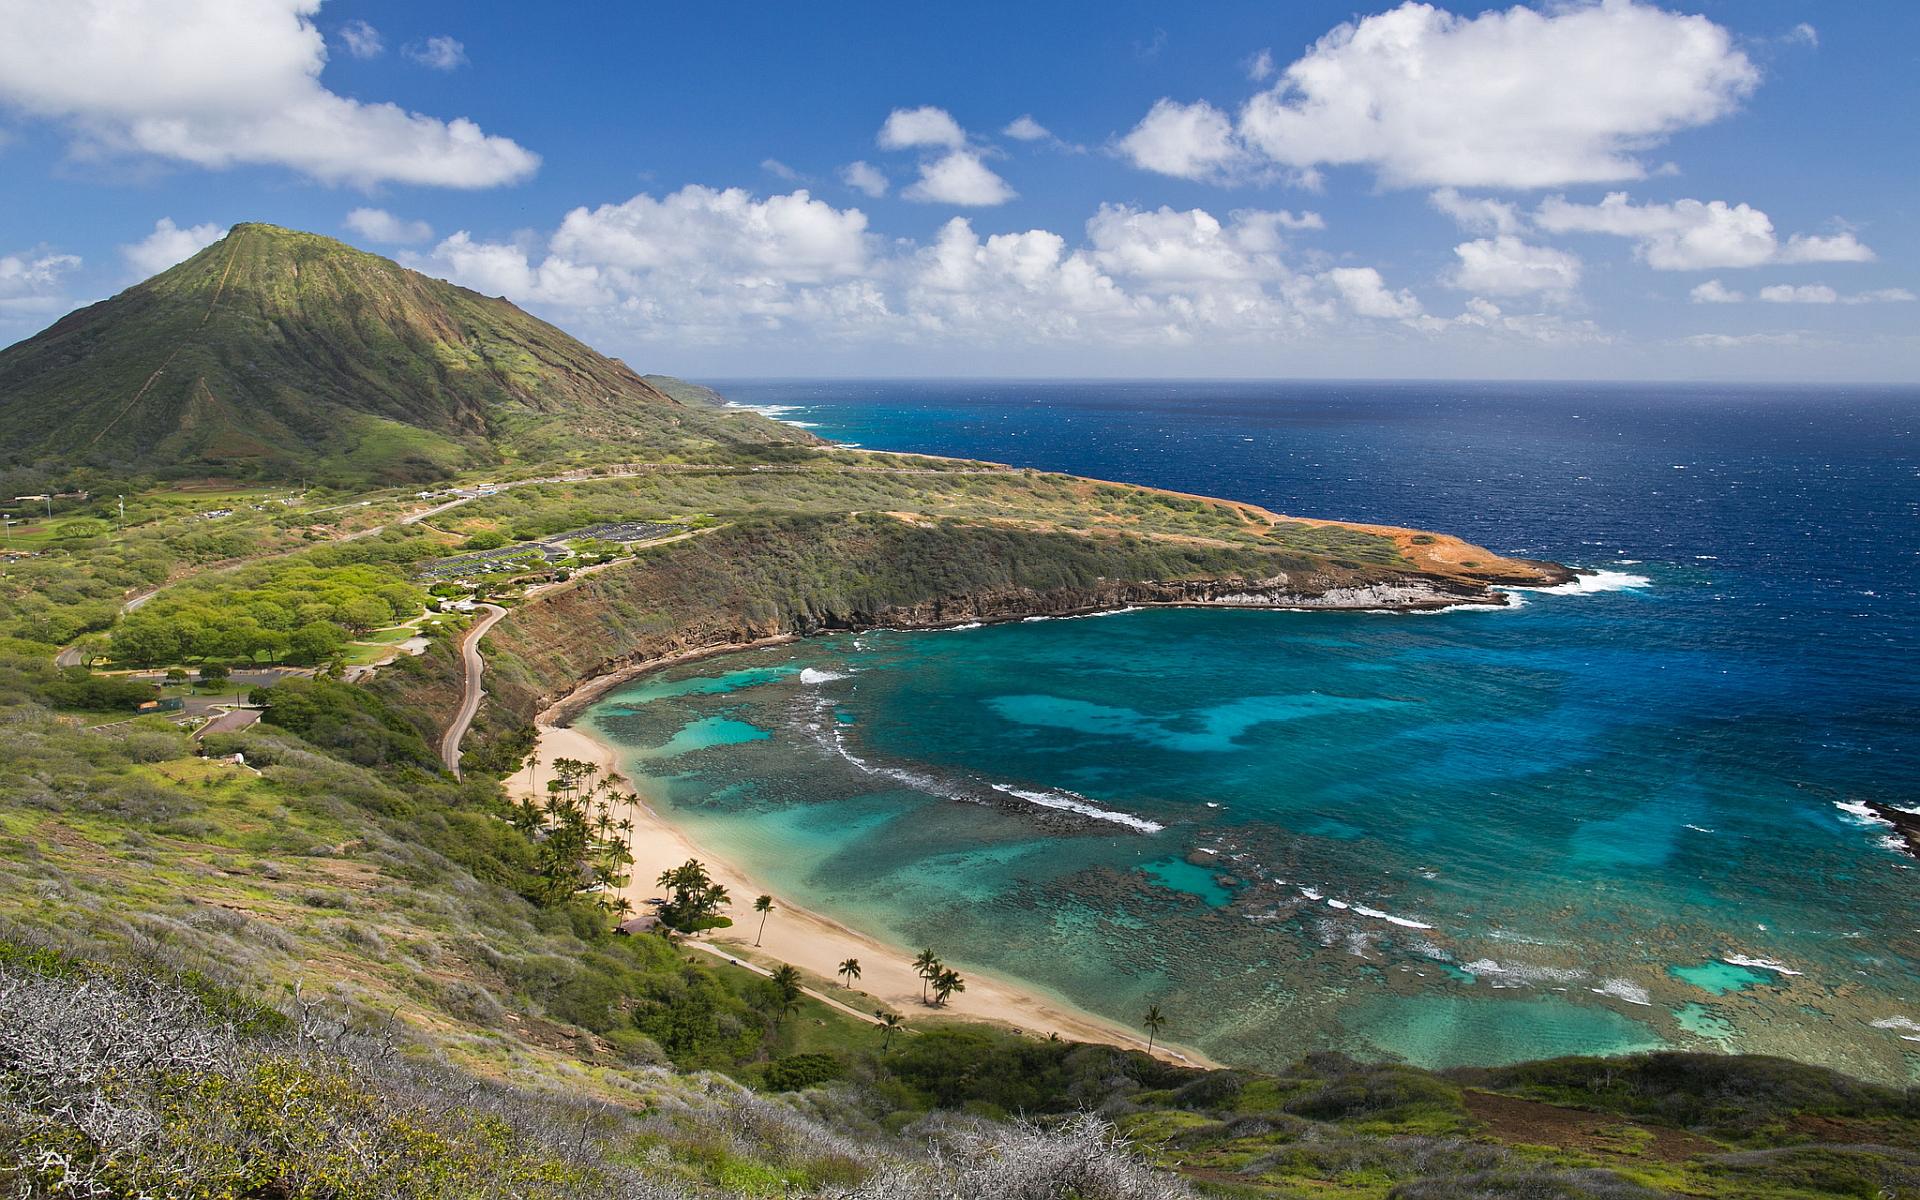 Quelques raisons qui vous inciteront à voyager à Hawaï